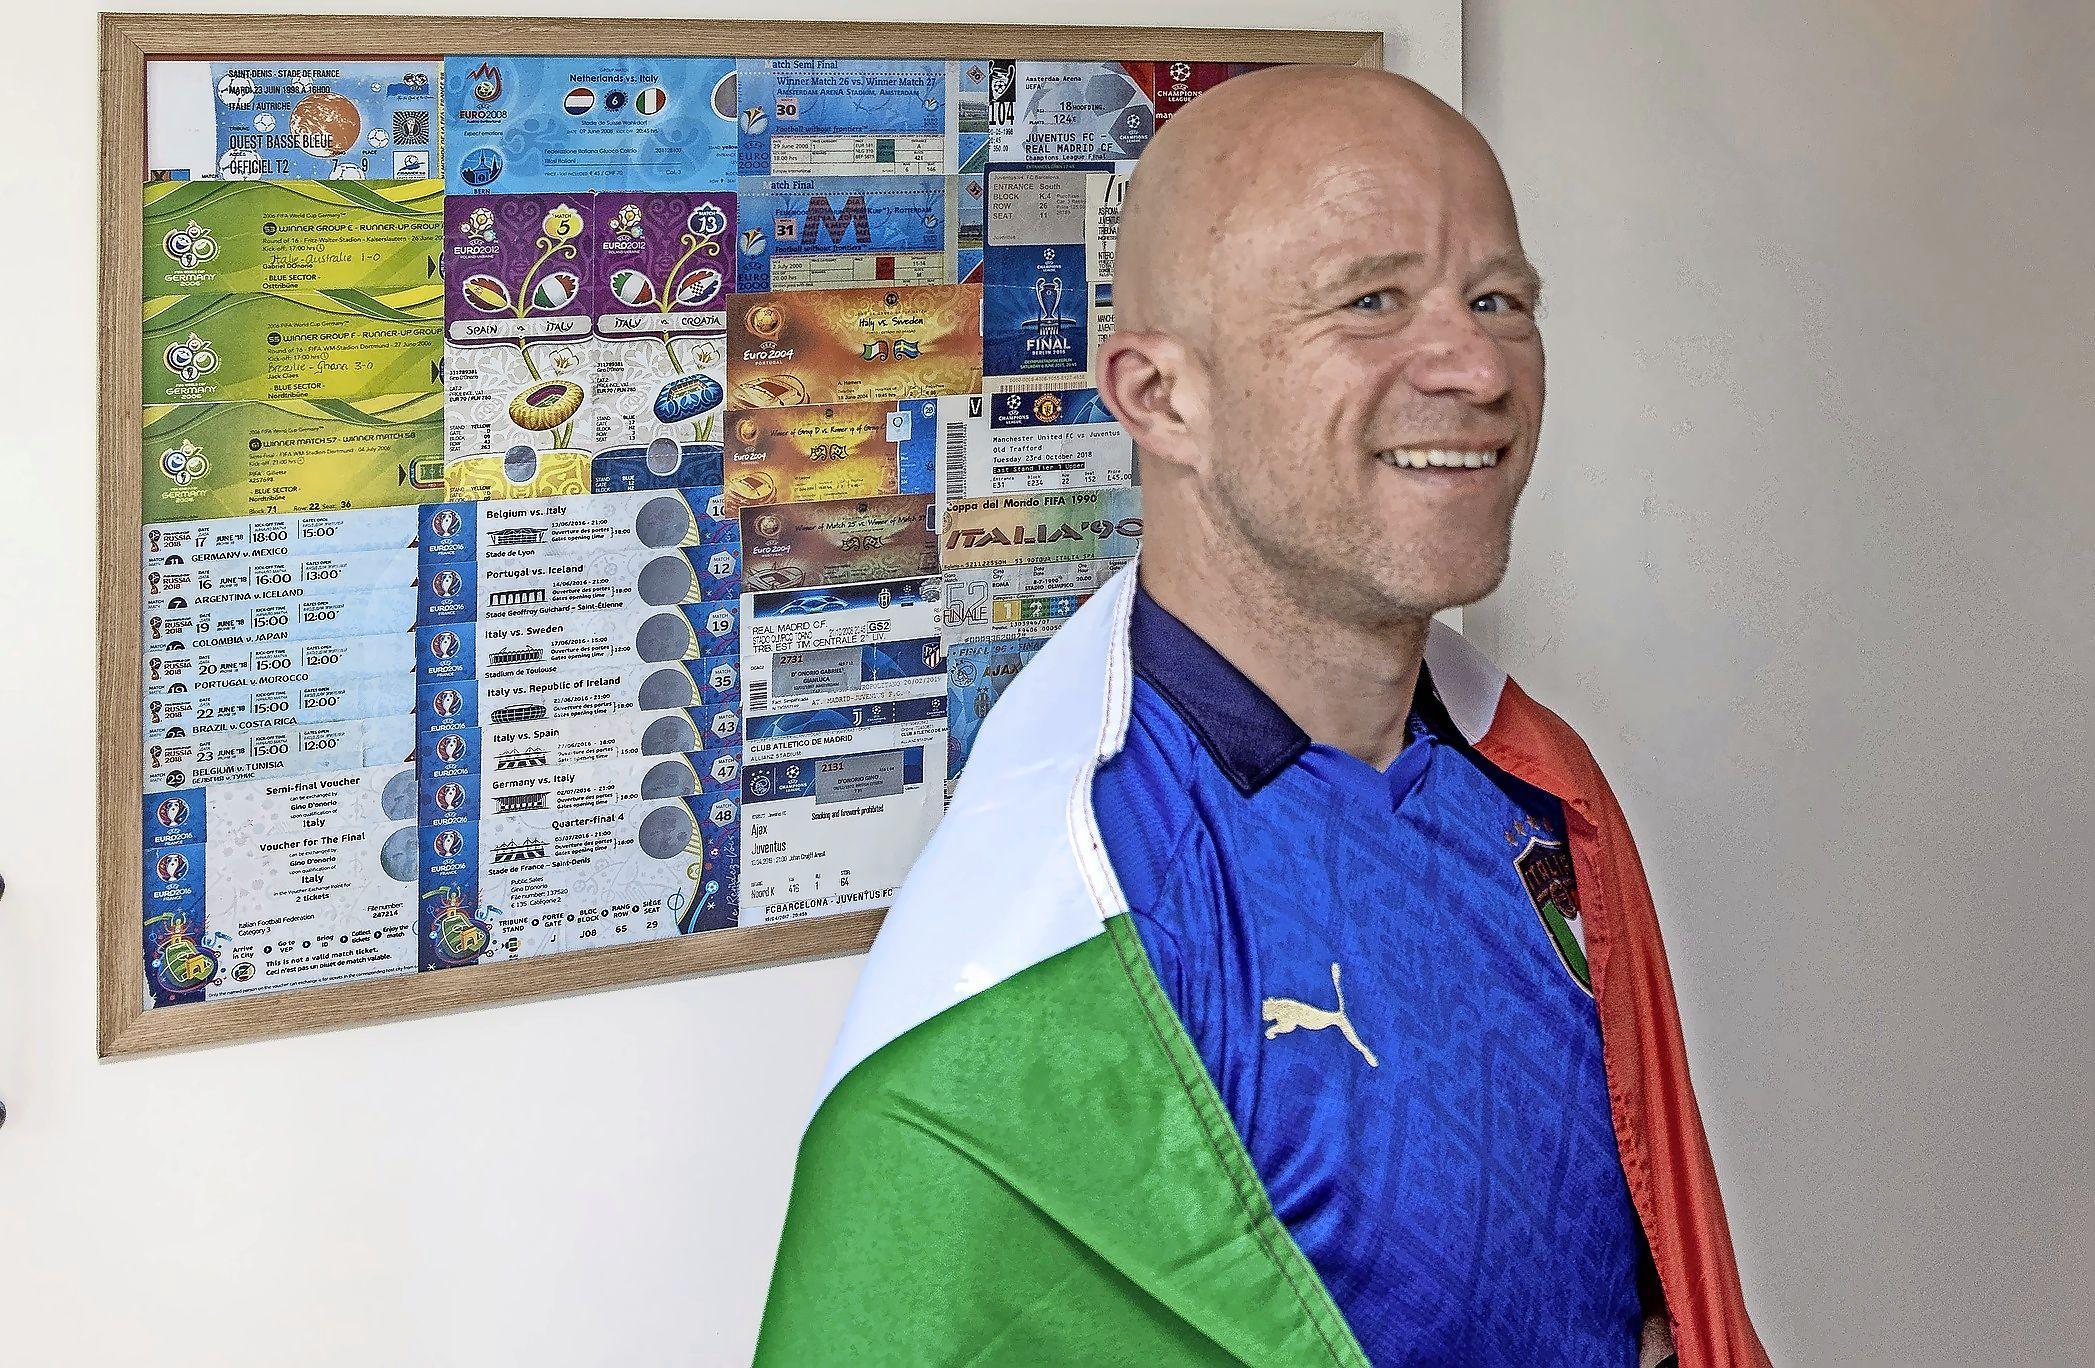 Ook bij de nationale ploeg van Italië kennen ze hem: Gino is er op het EK weer bij en heeft er al een prachtige trofee aan overgehouden